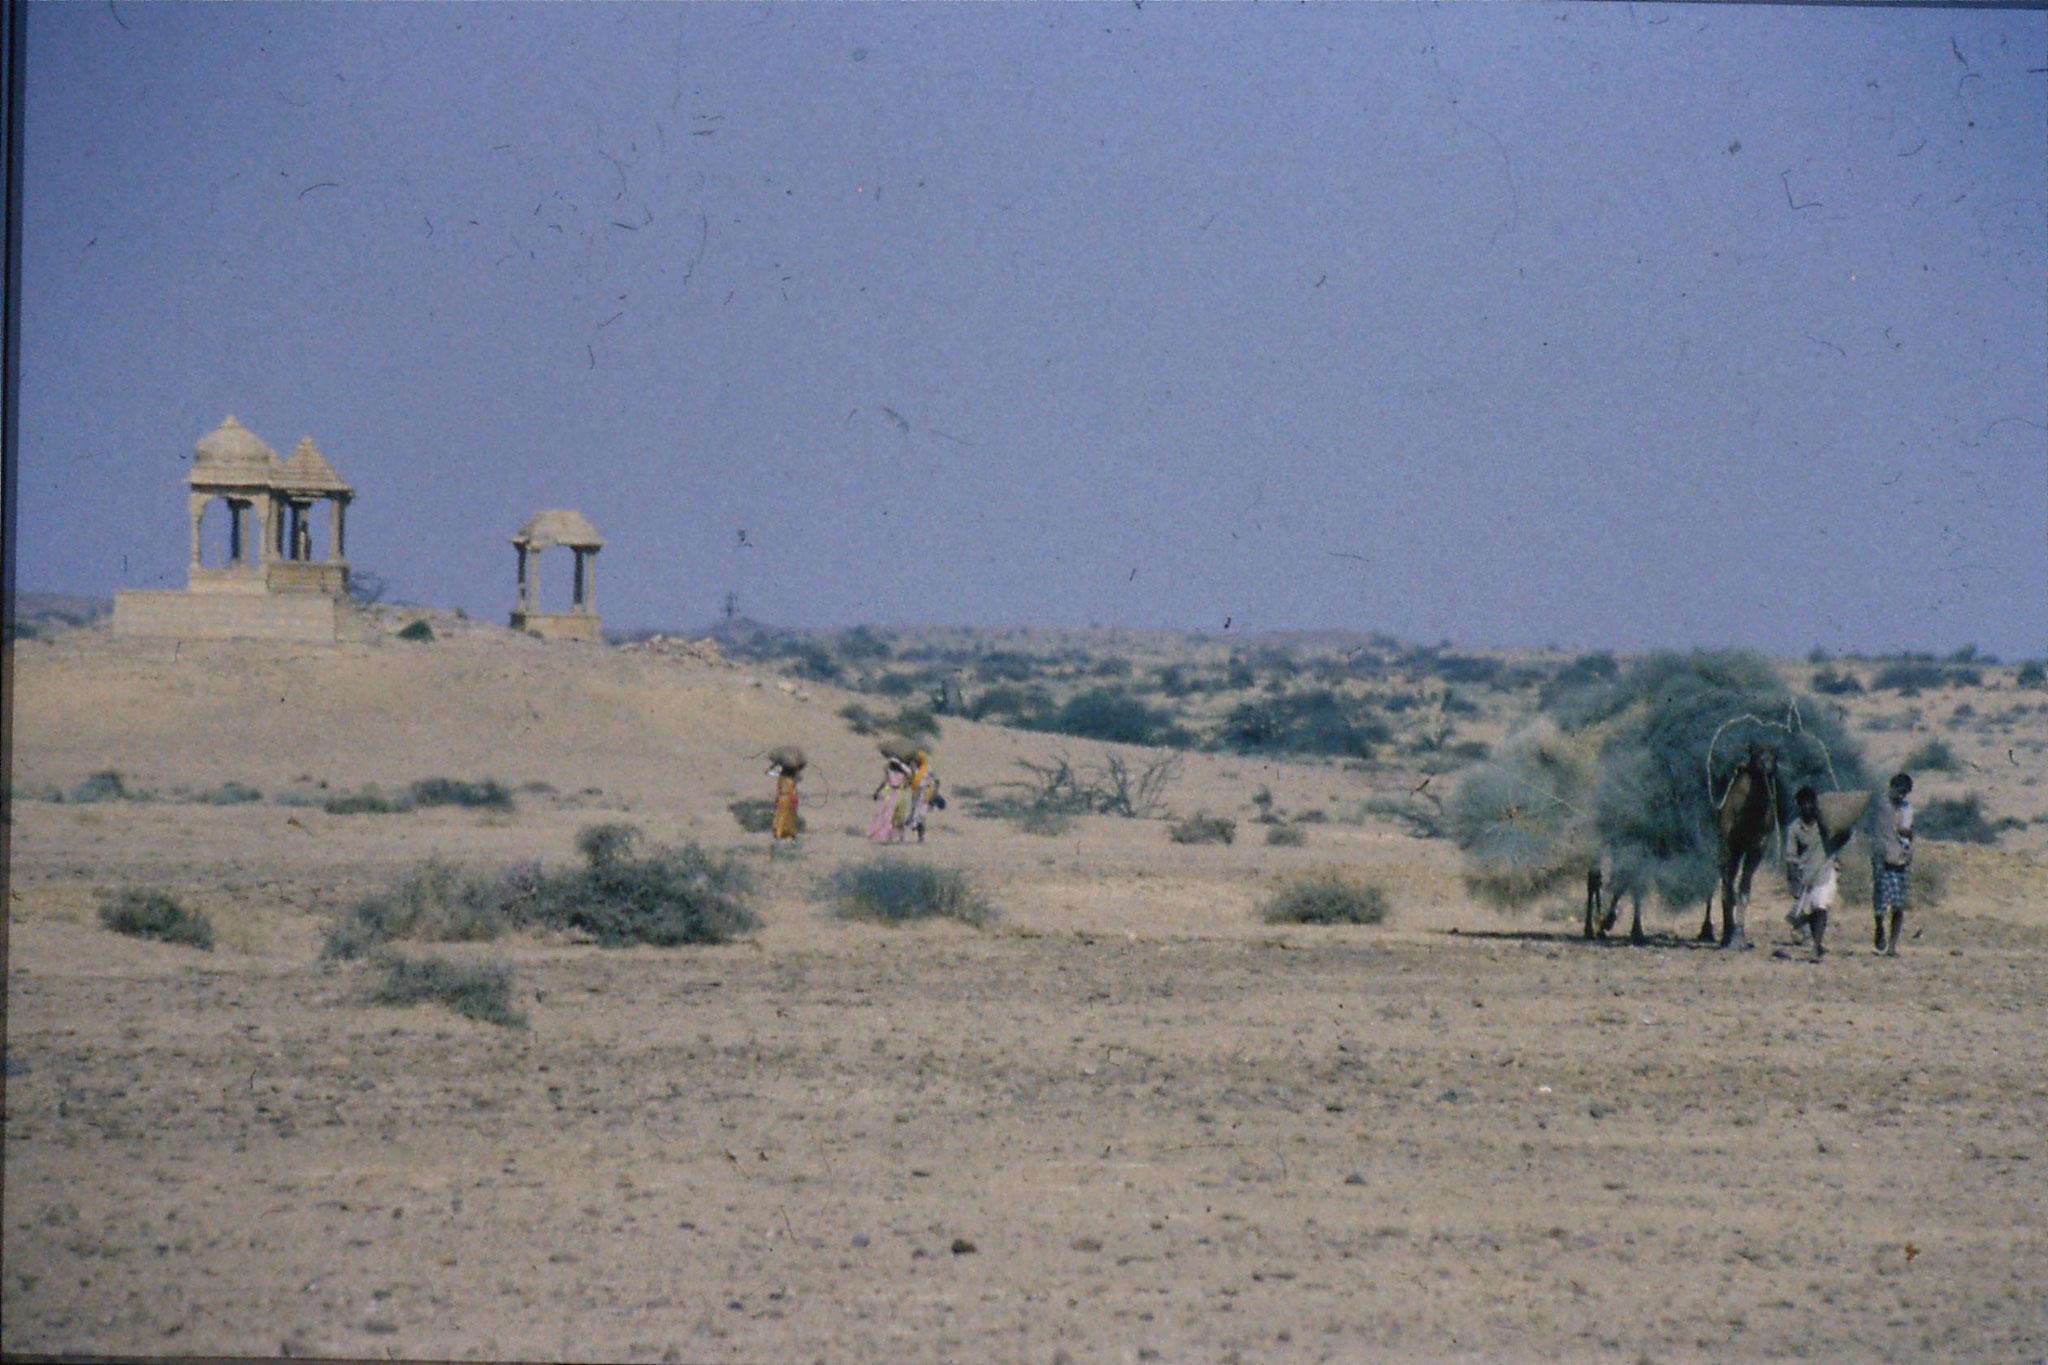 30/11/1989: 17: Jaisalmer